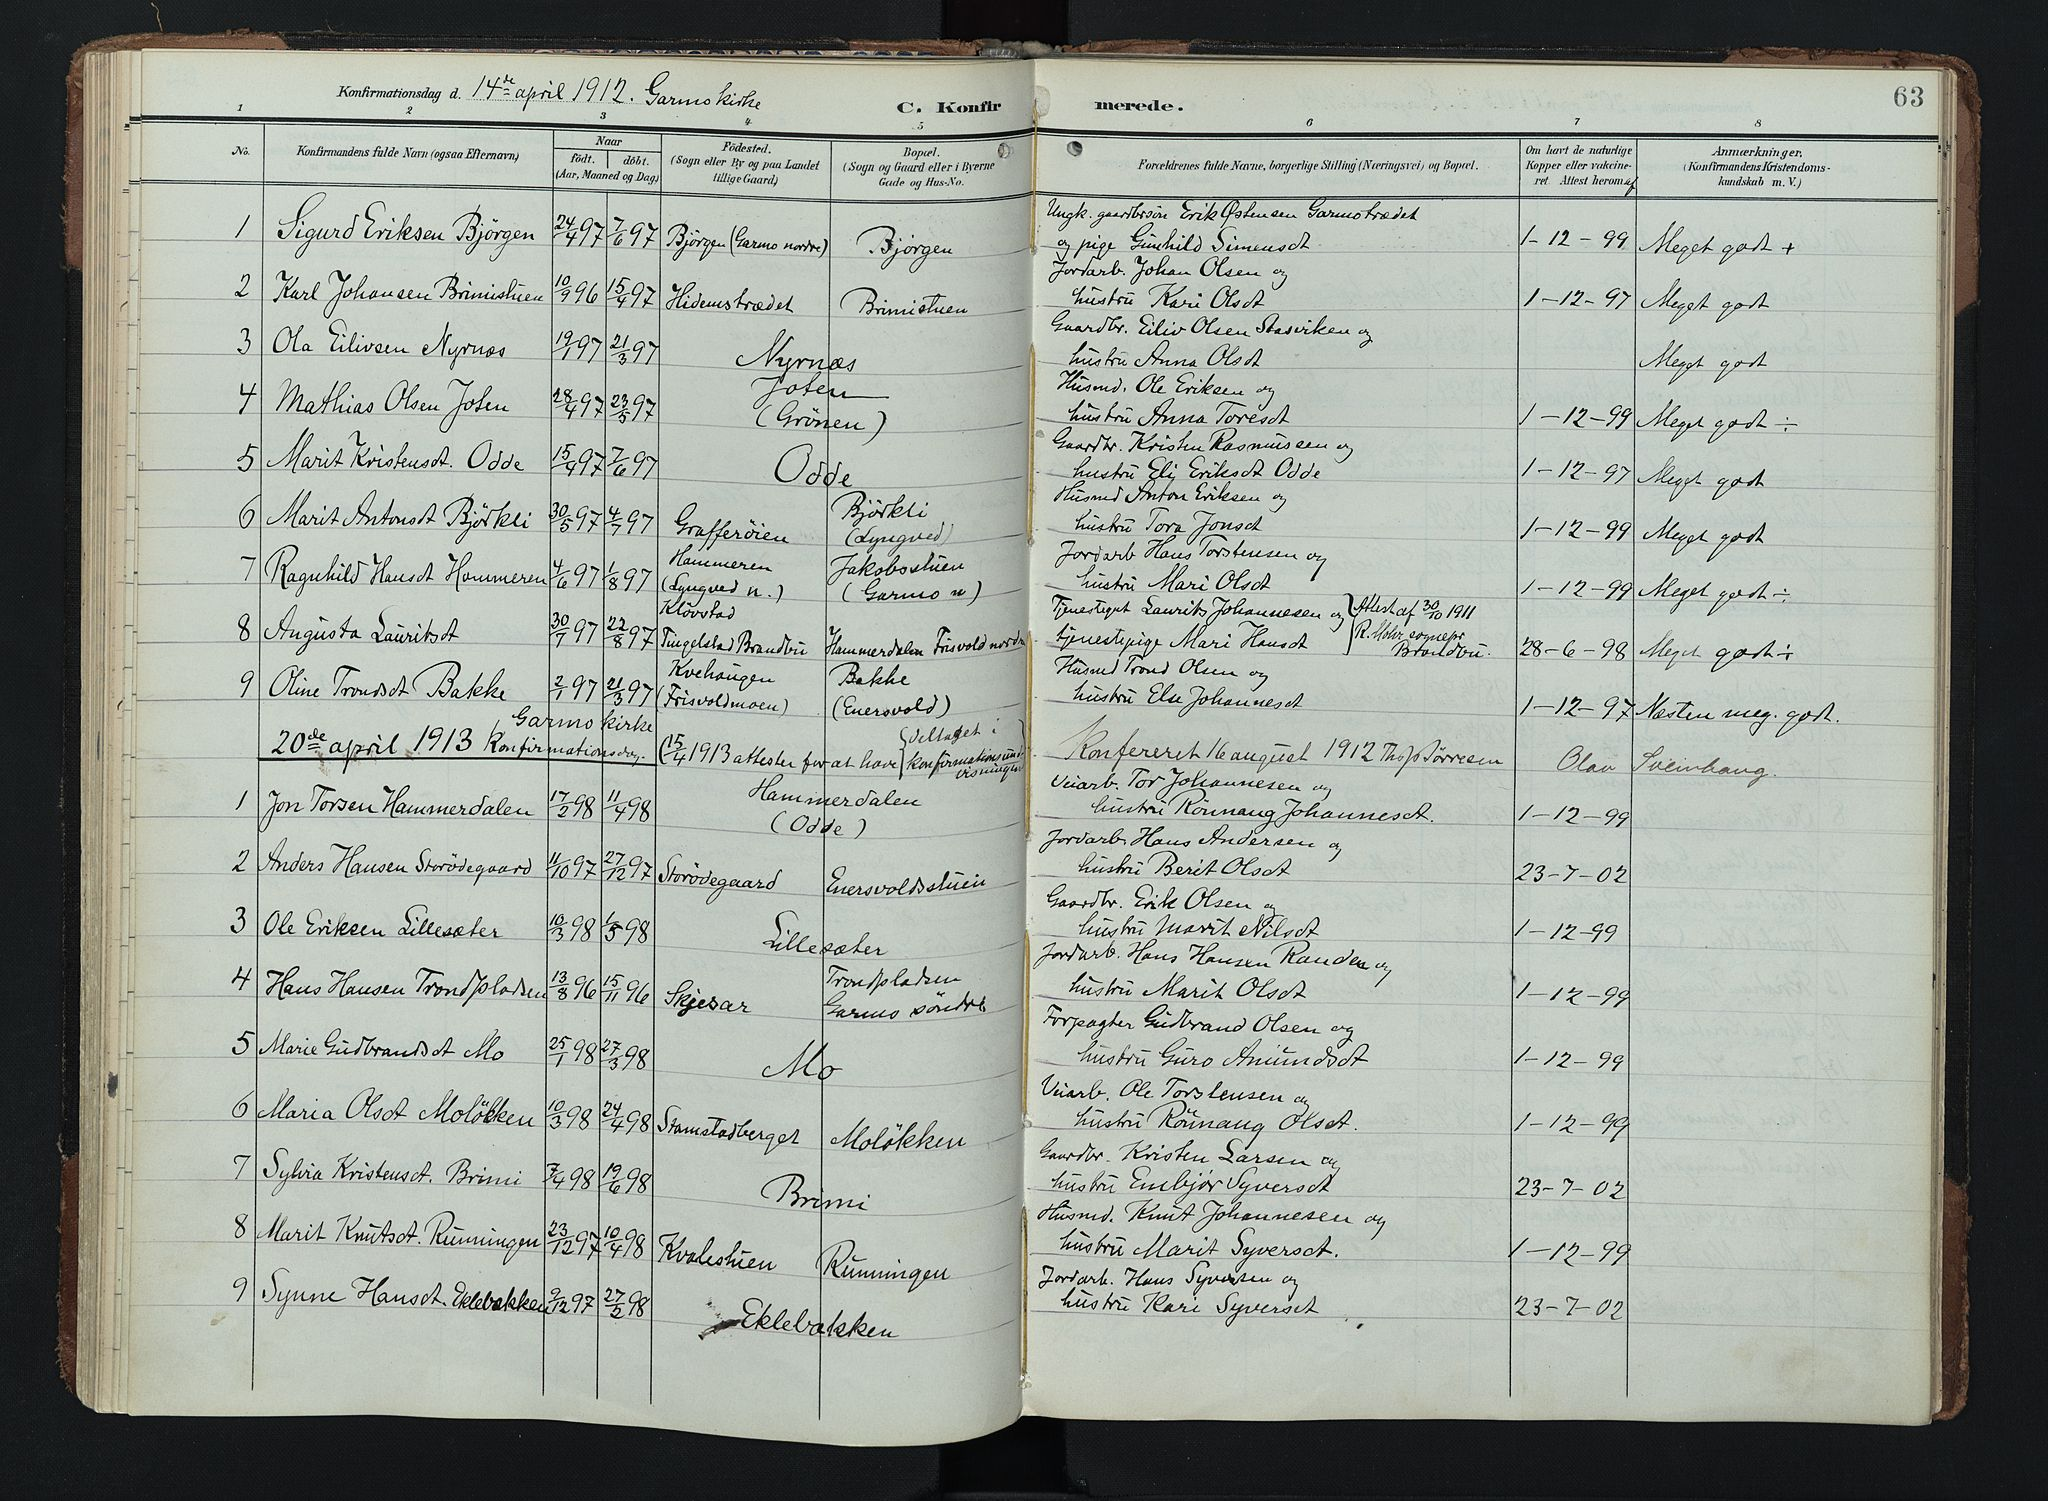 SAH, Lom prestekontor, K/L0011: Ministerialbok nr. 11, 1904-1928, s. 63